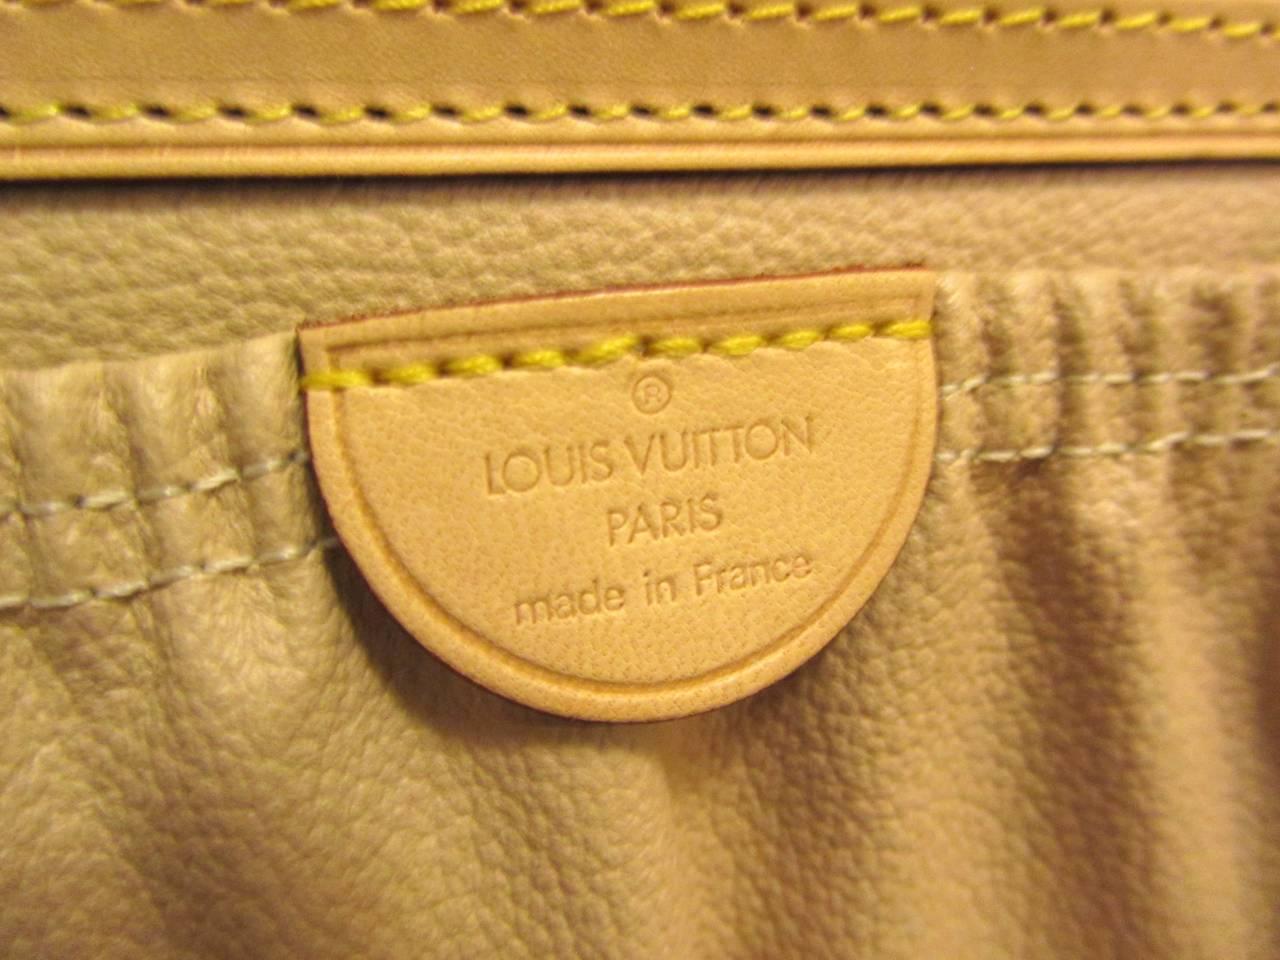 Louis Vuitton Train Case / Traveling Makeup Bag 3